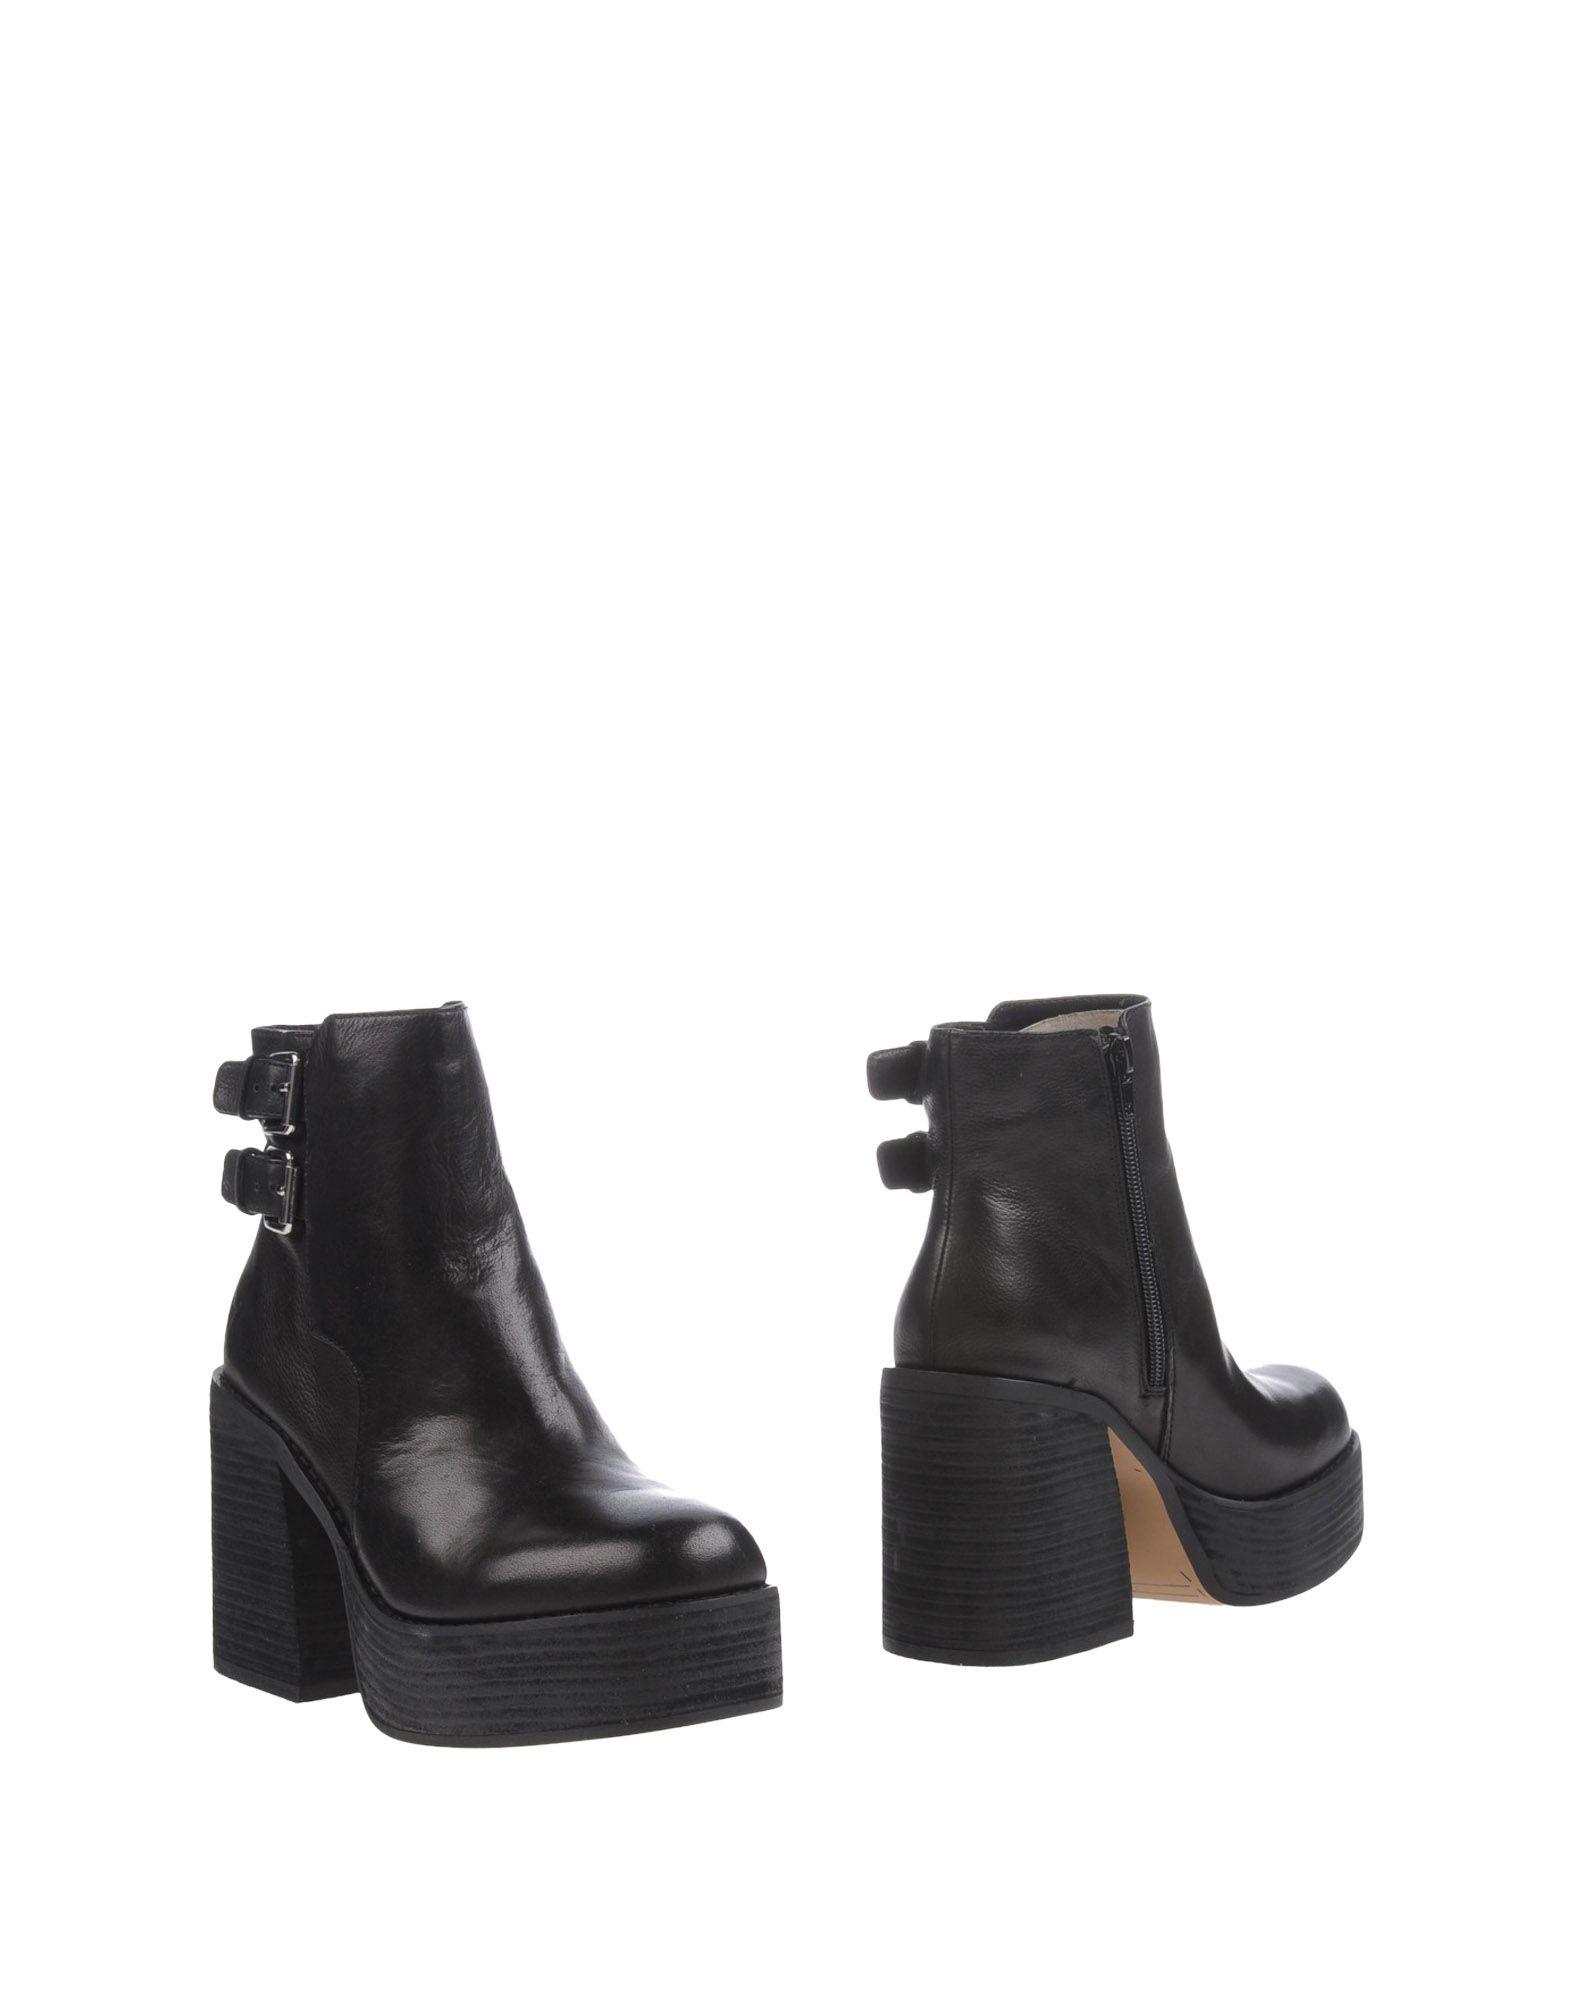 Windsor Smith Stiefelette Qualität Damen  11216849ER Gute Qualität Stiefelette beliebte Schuhe 310c5c